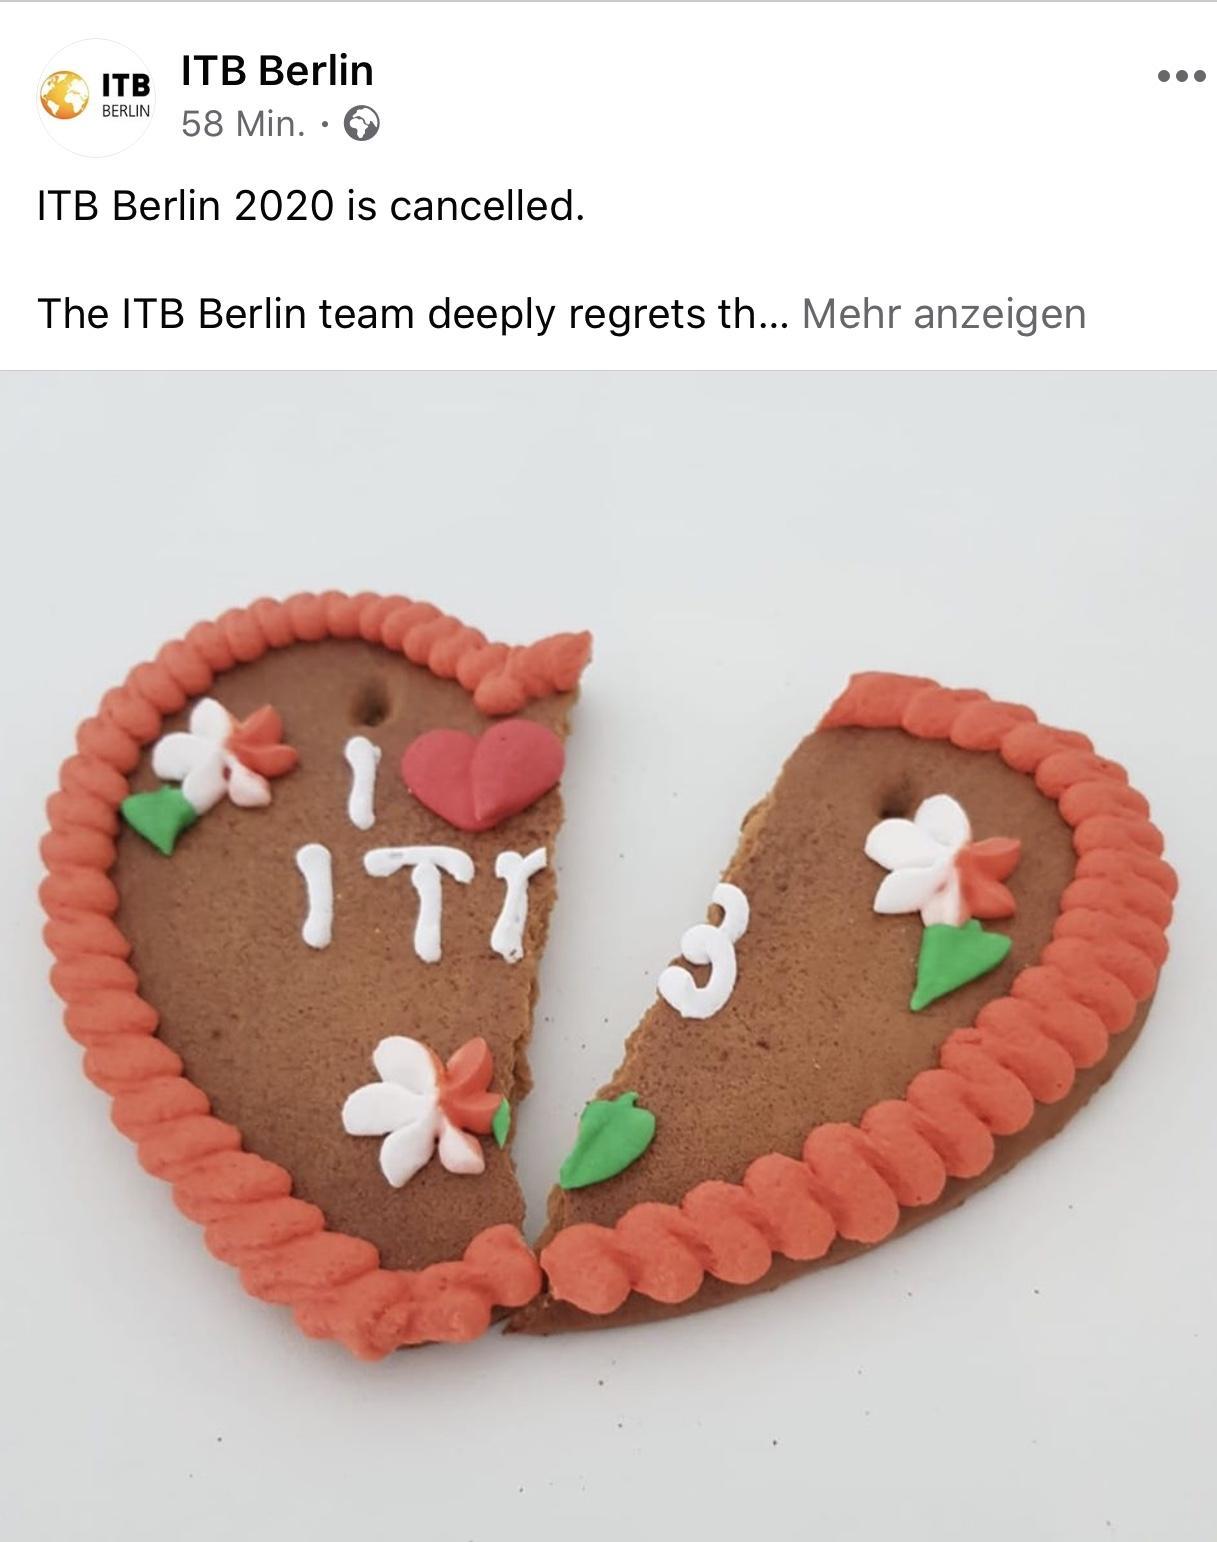 So teilten die ITB-Verantwortlichen die Messe-Absage für 2020 auf Facebook mit.